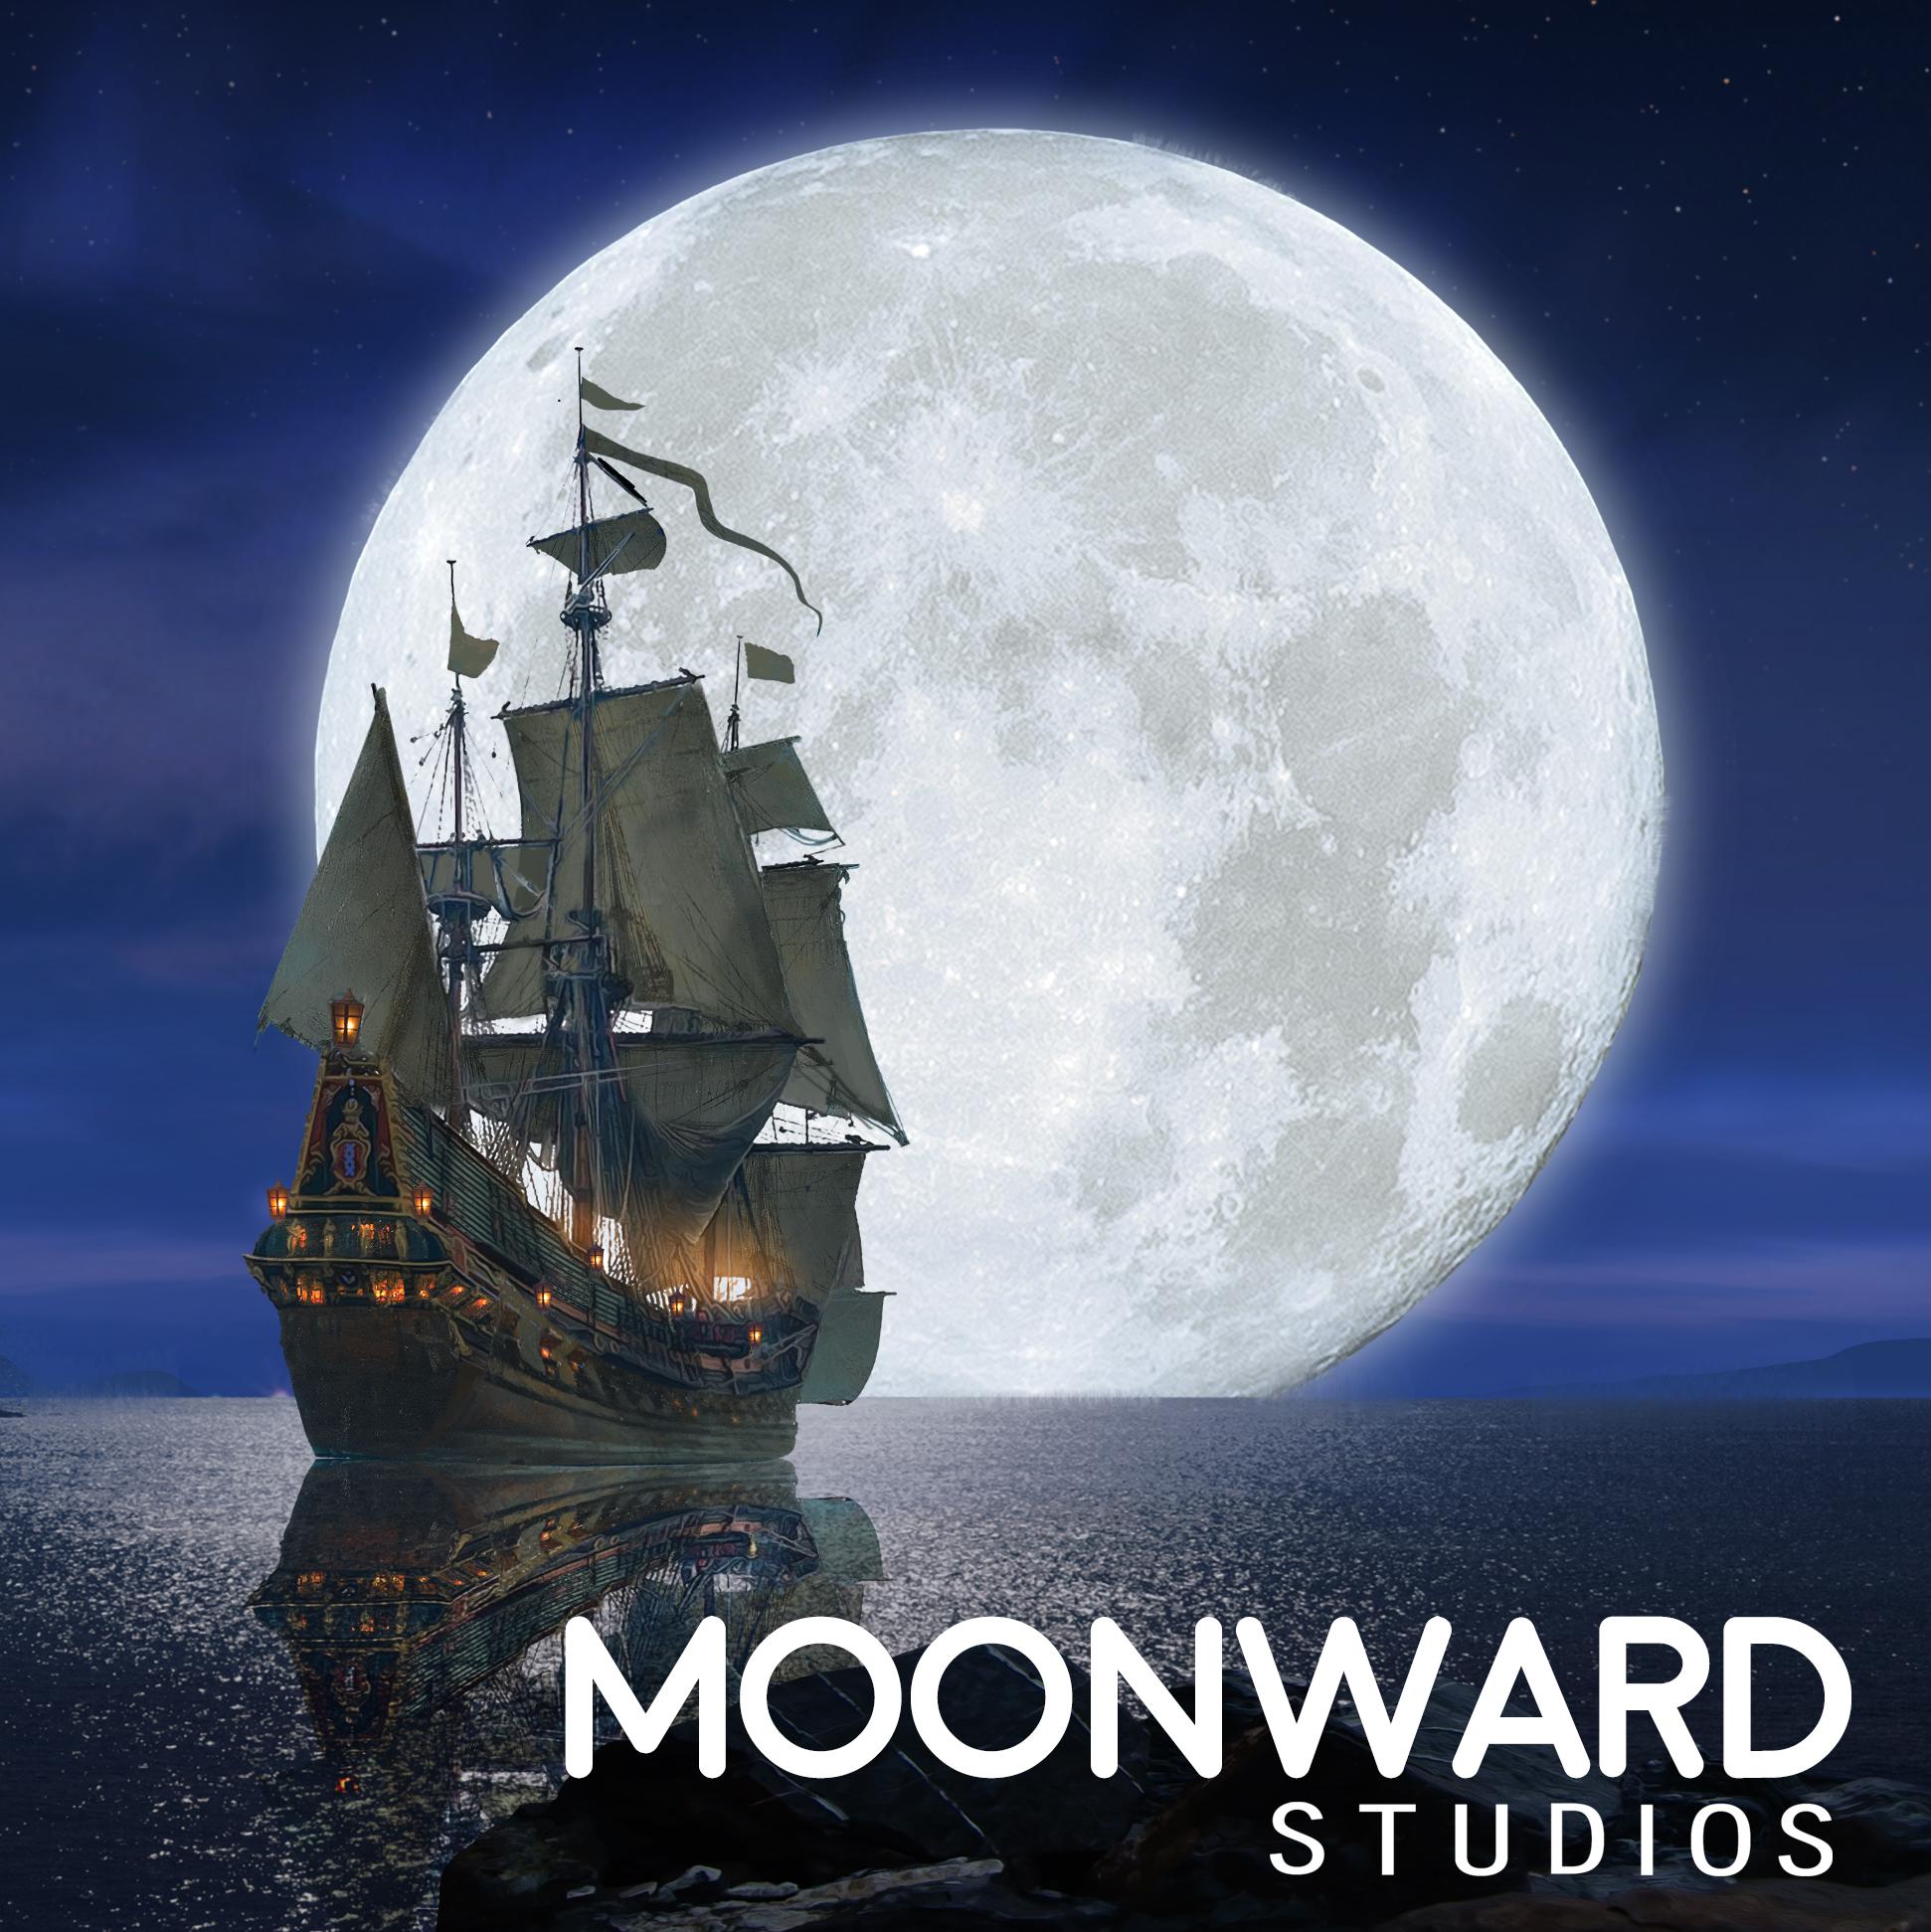 moonward_logo.jpg